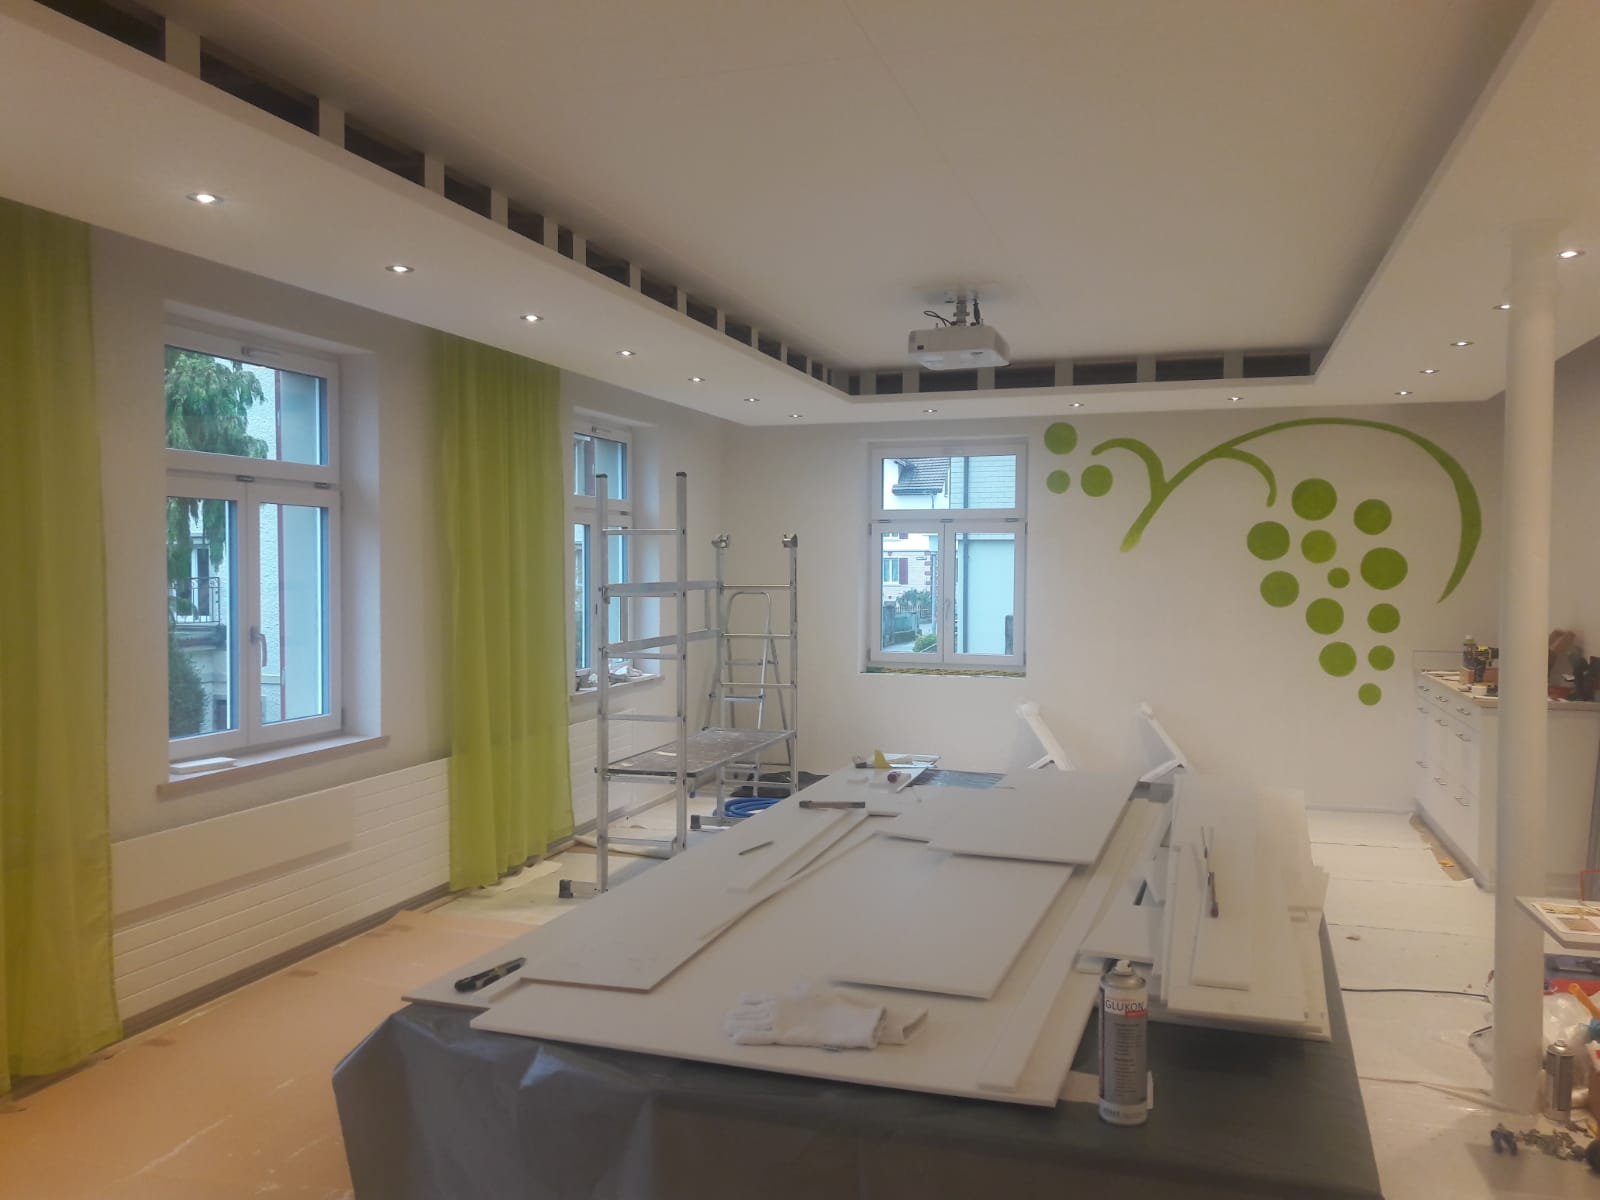 Endlich sieht der Raum wieder etwas lebendiger aus :) (W21)